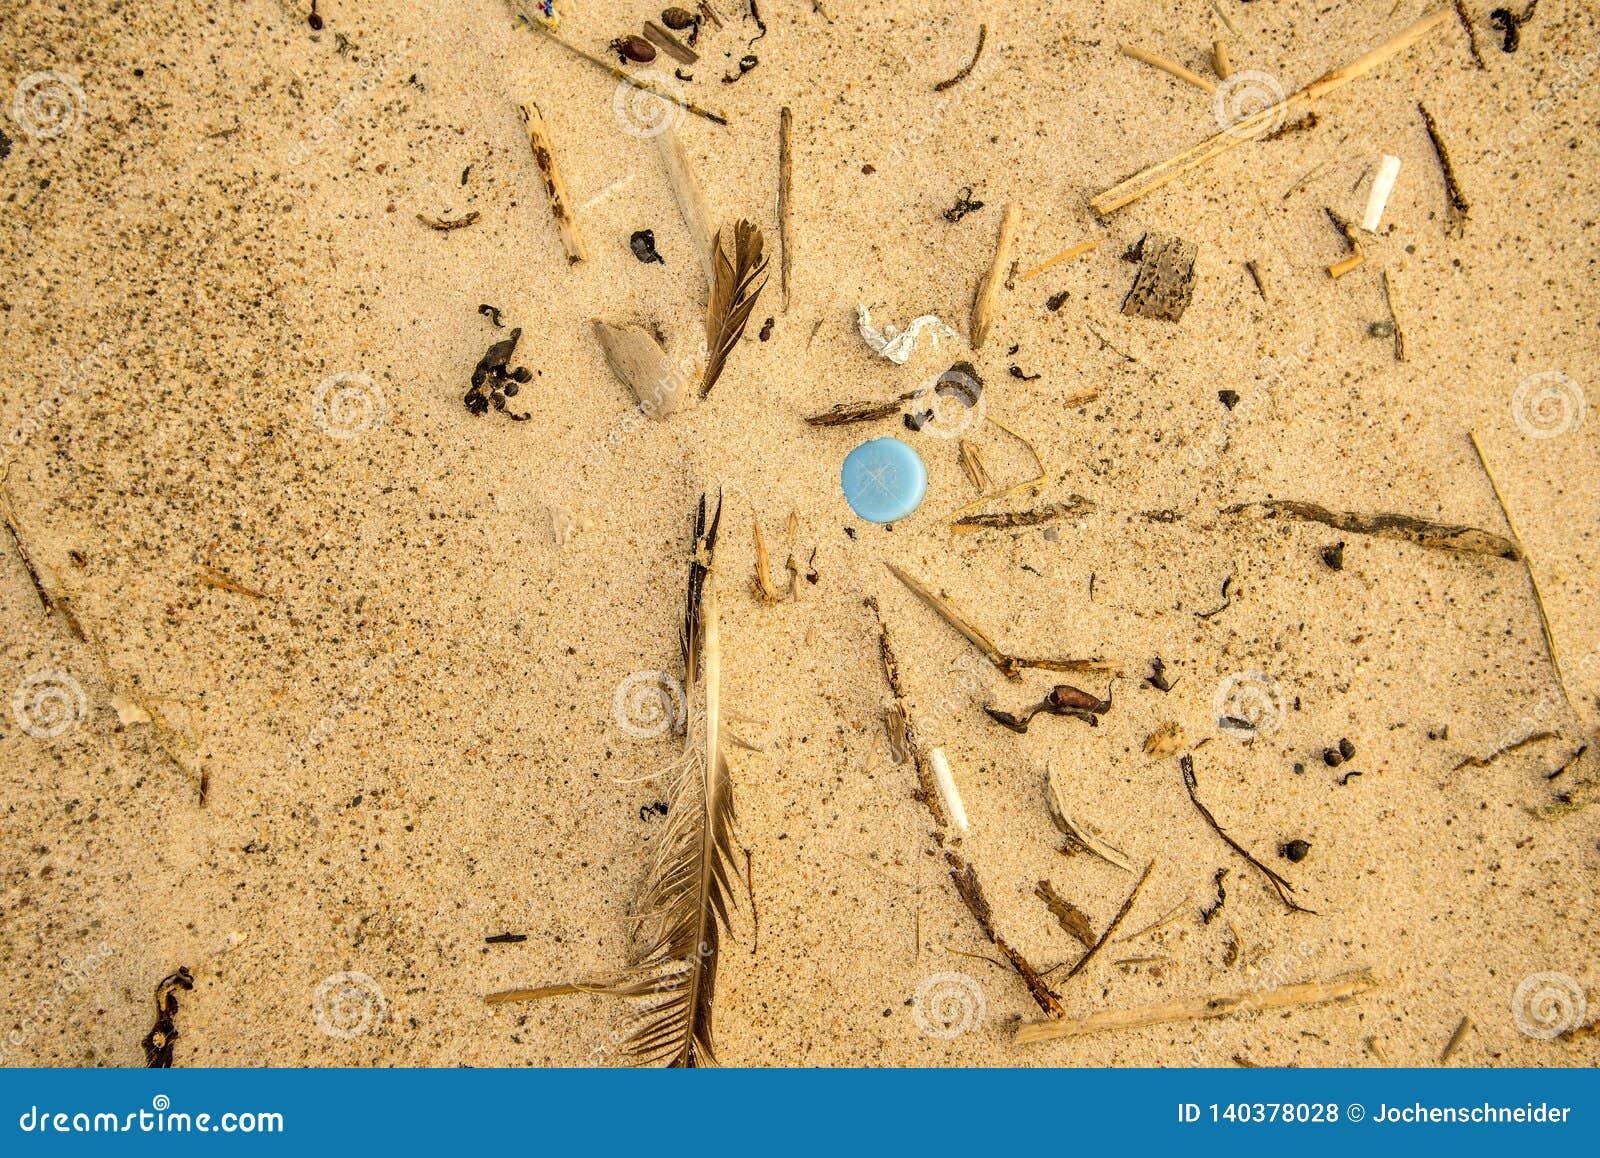 Plastic afval op een strand, blauw deksel